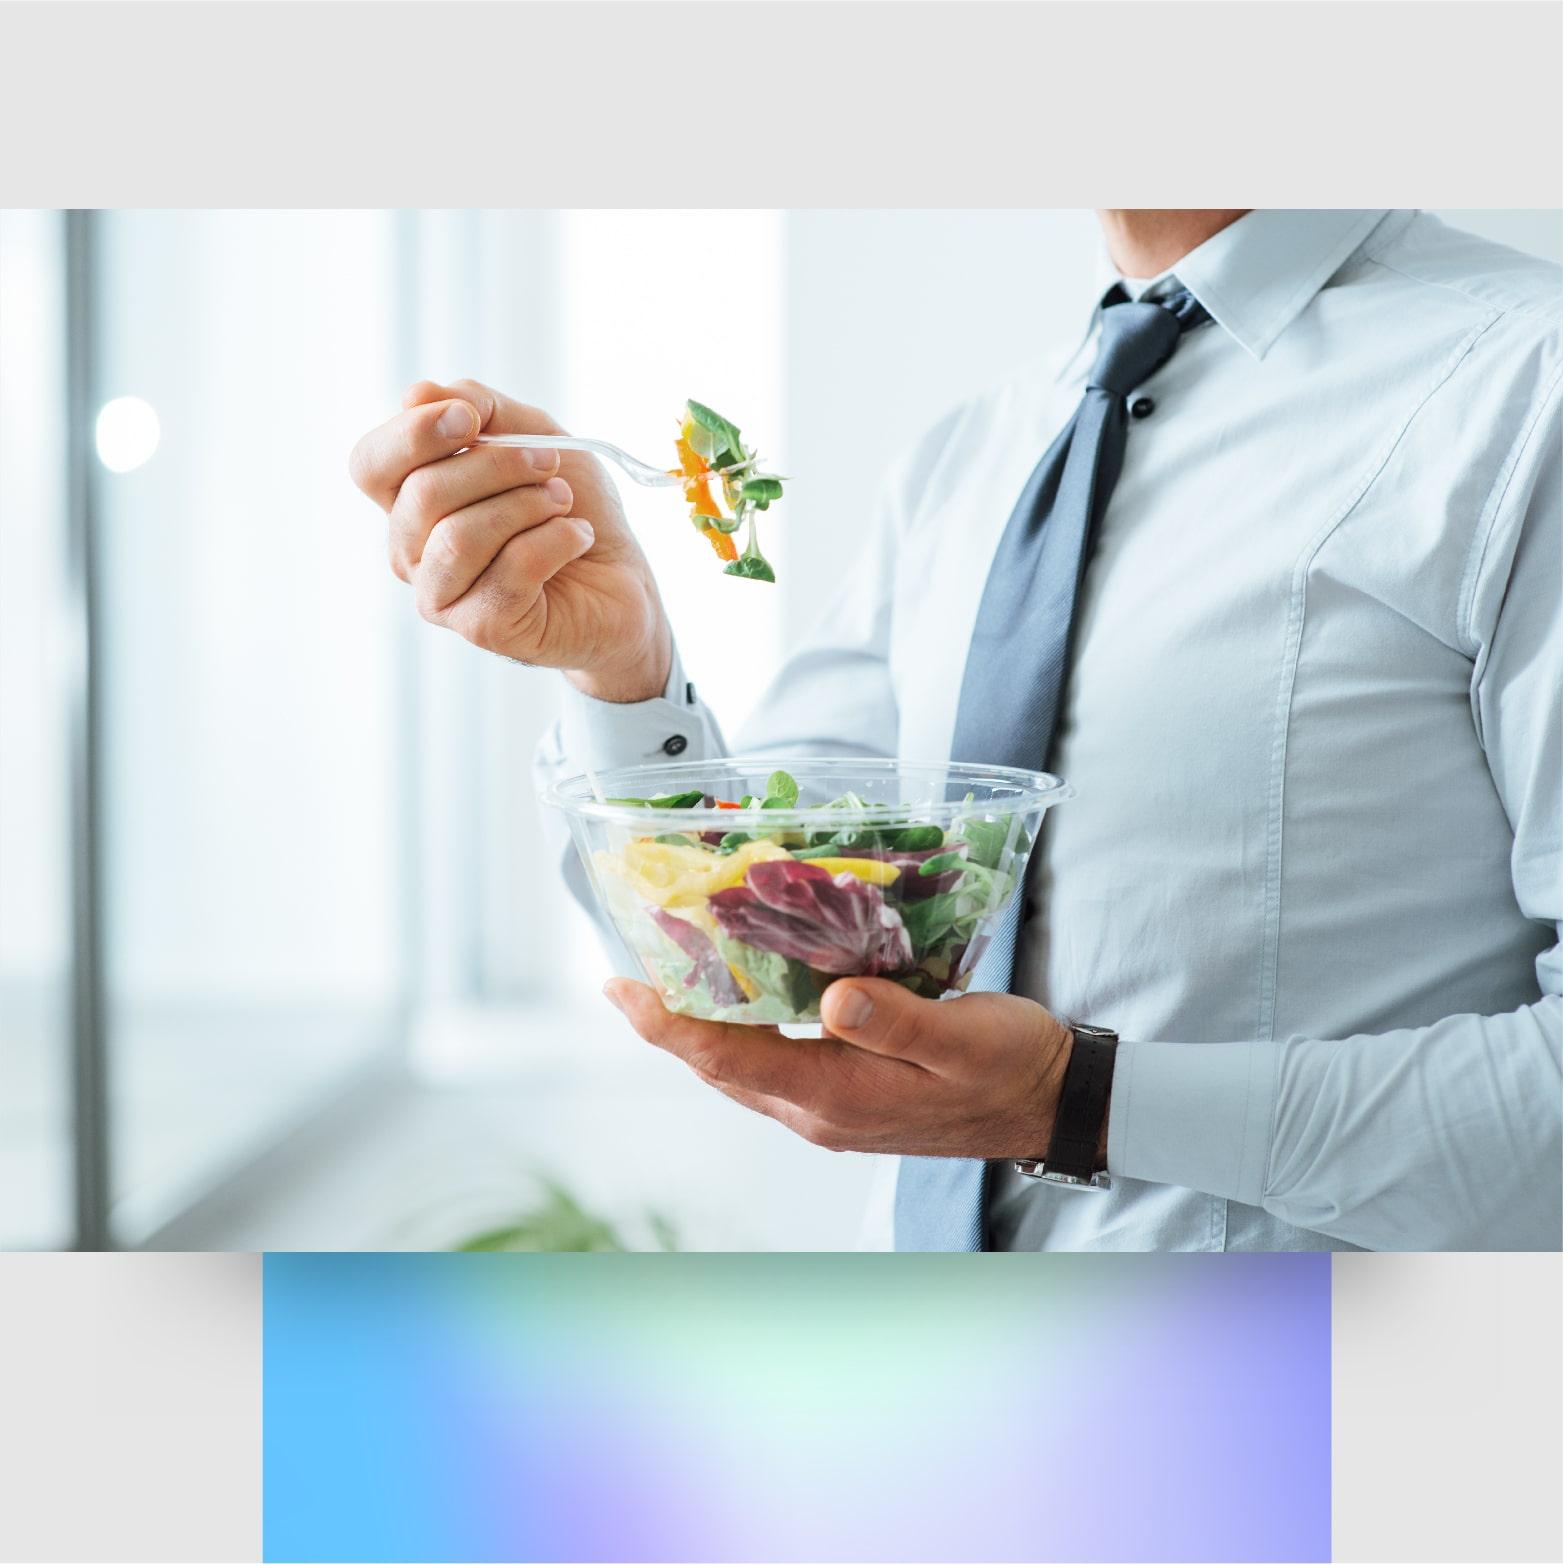 healthy foods, yazlık yemekler